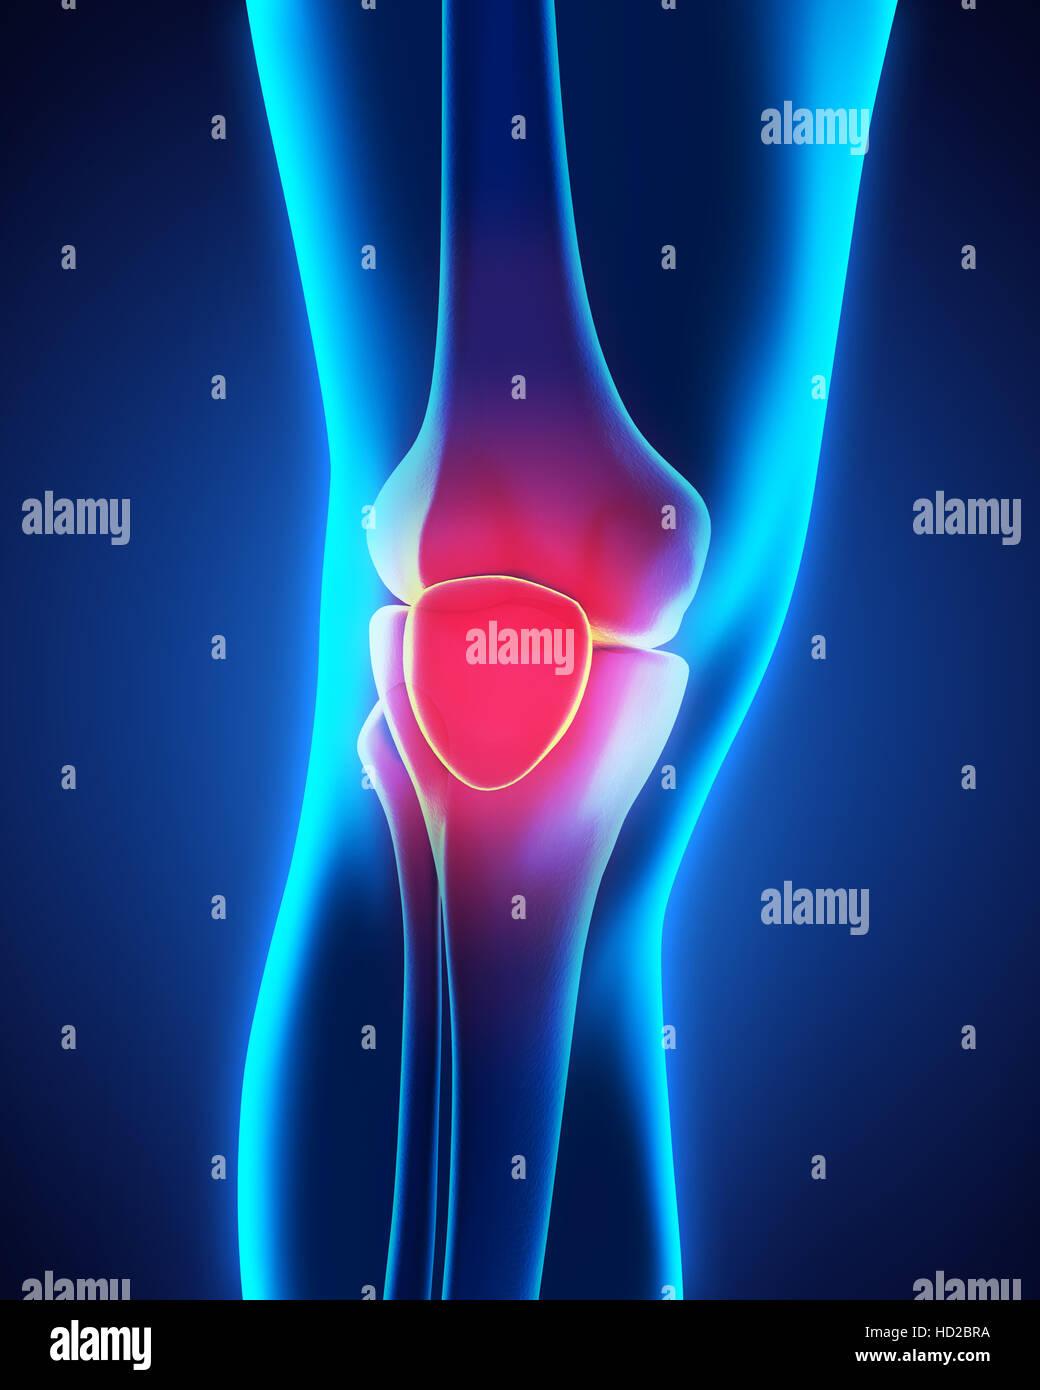 Anatomie der menschlichen Knie Stockfoto, Bild: 128516286 - Alamy